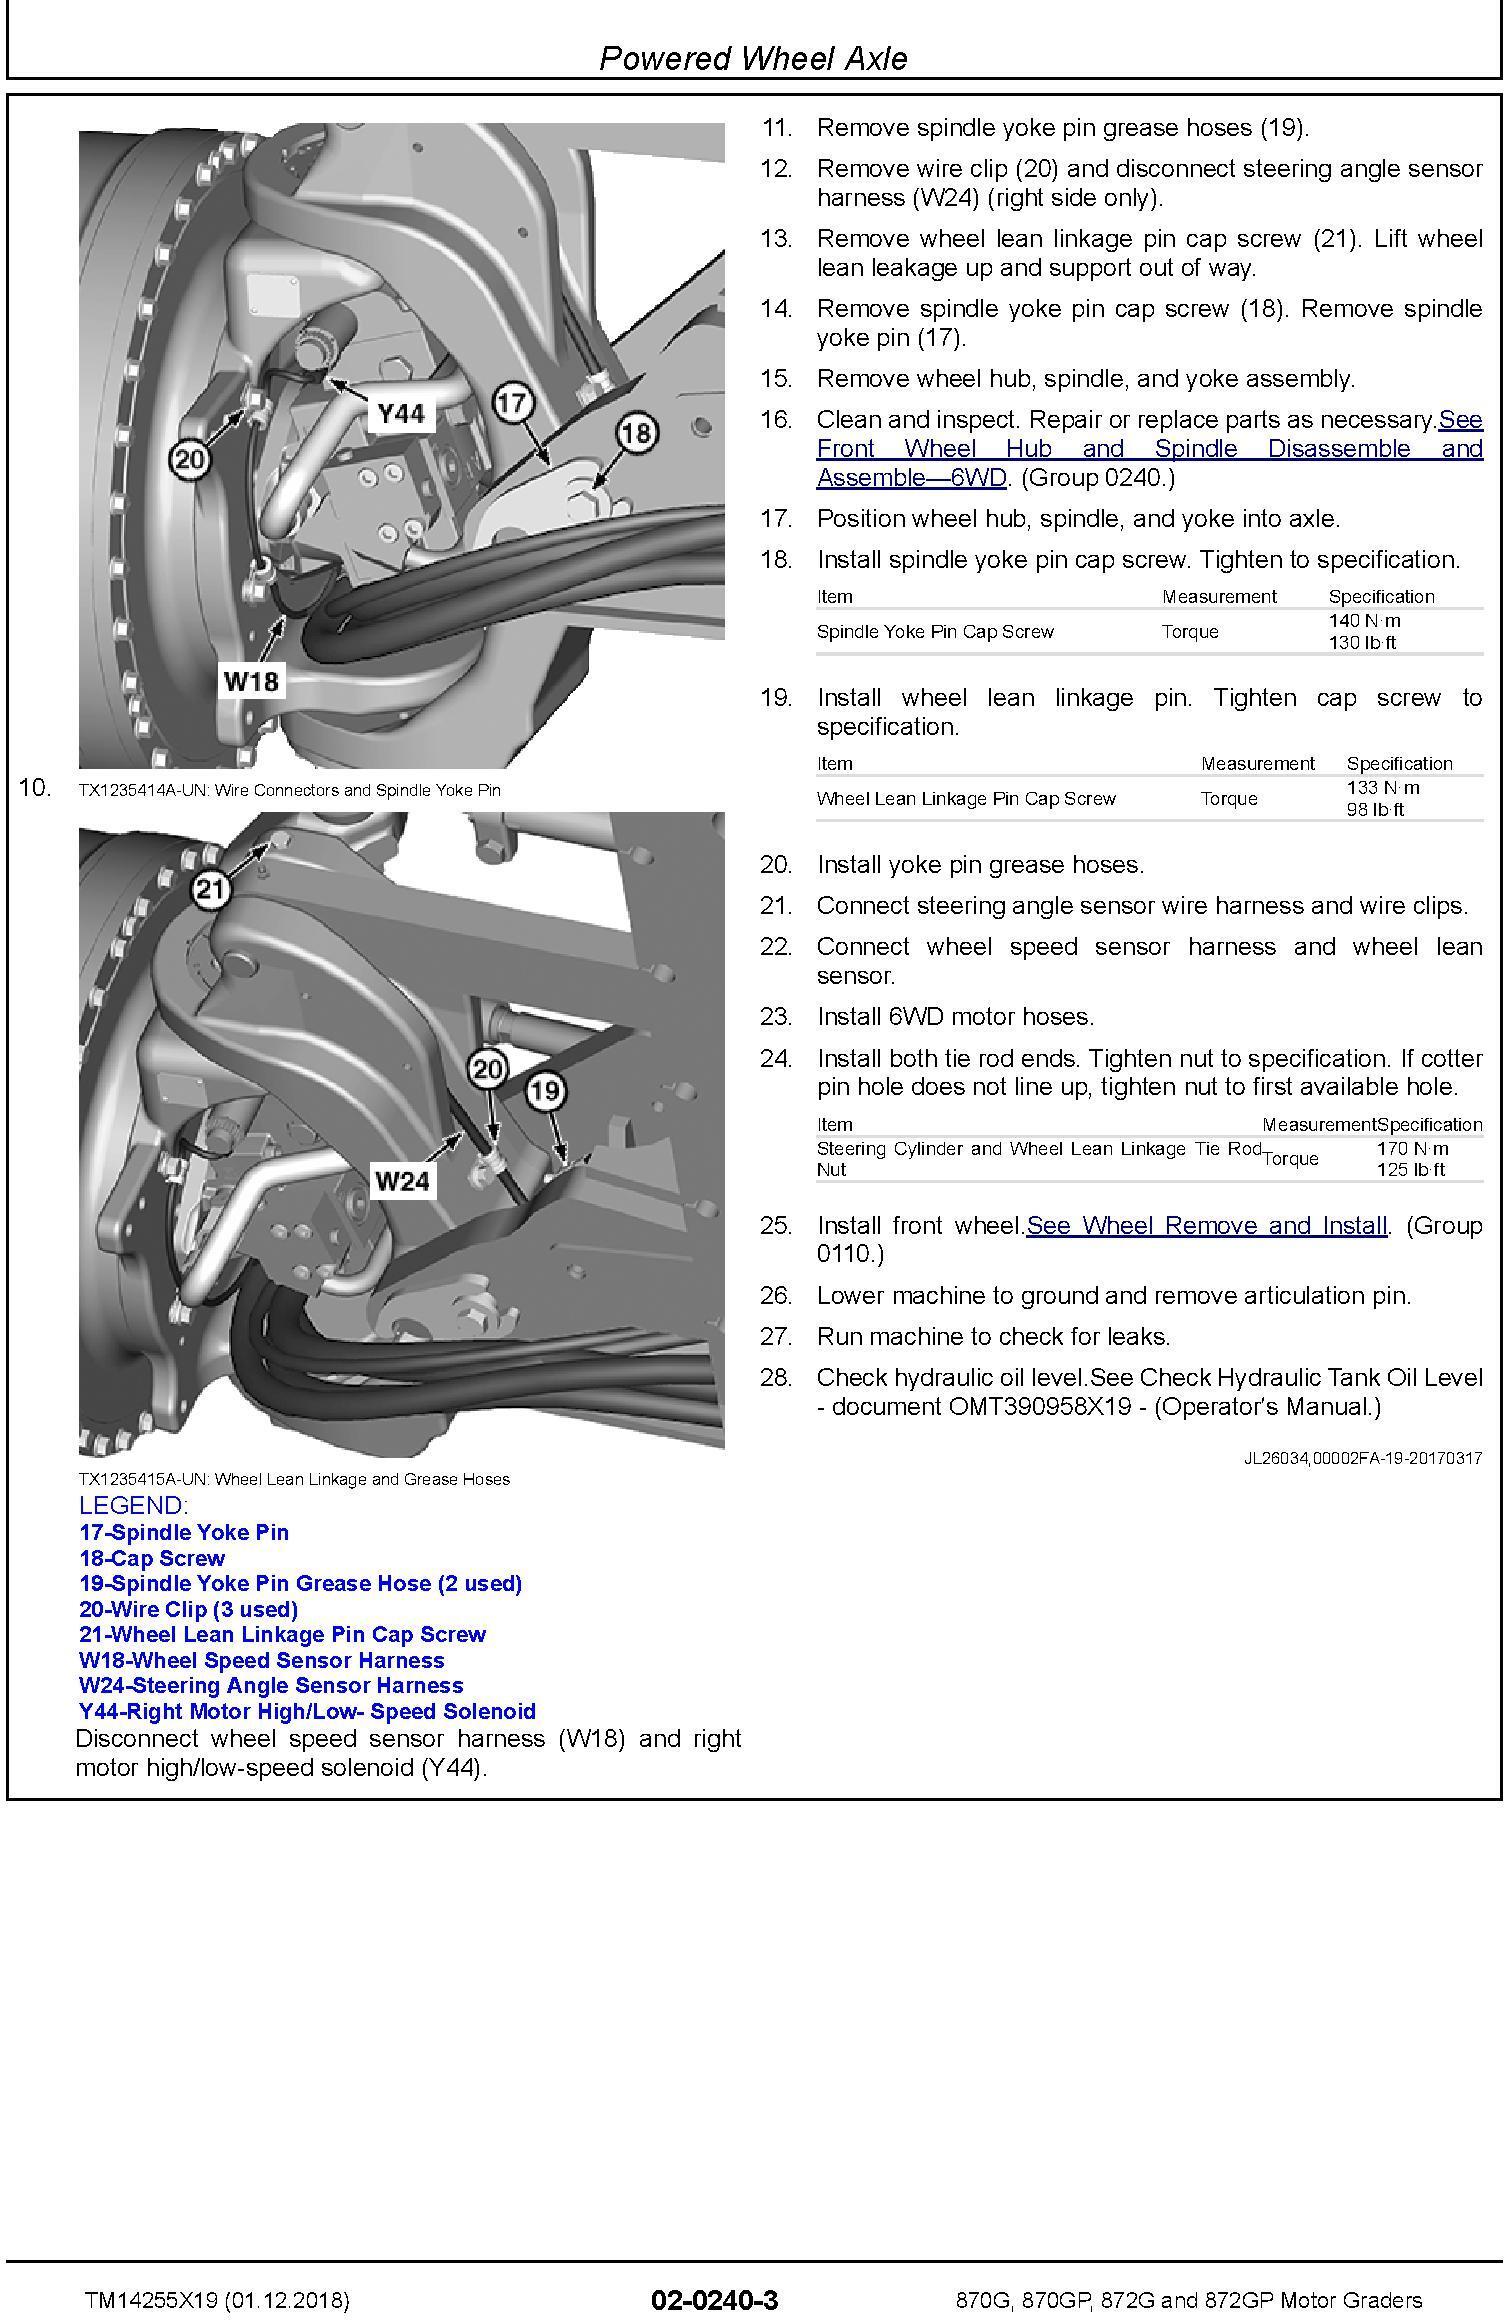 John Deere 870G, 870GP, 872G, 872GP (SN. C680878-,D680878-) Motor Graders Repair Manual (TM14255X19) - 2